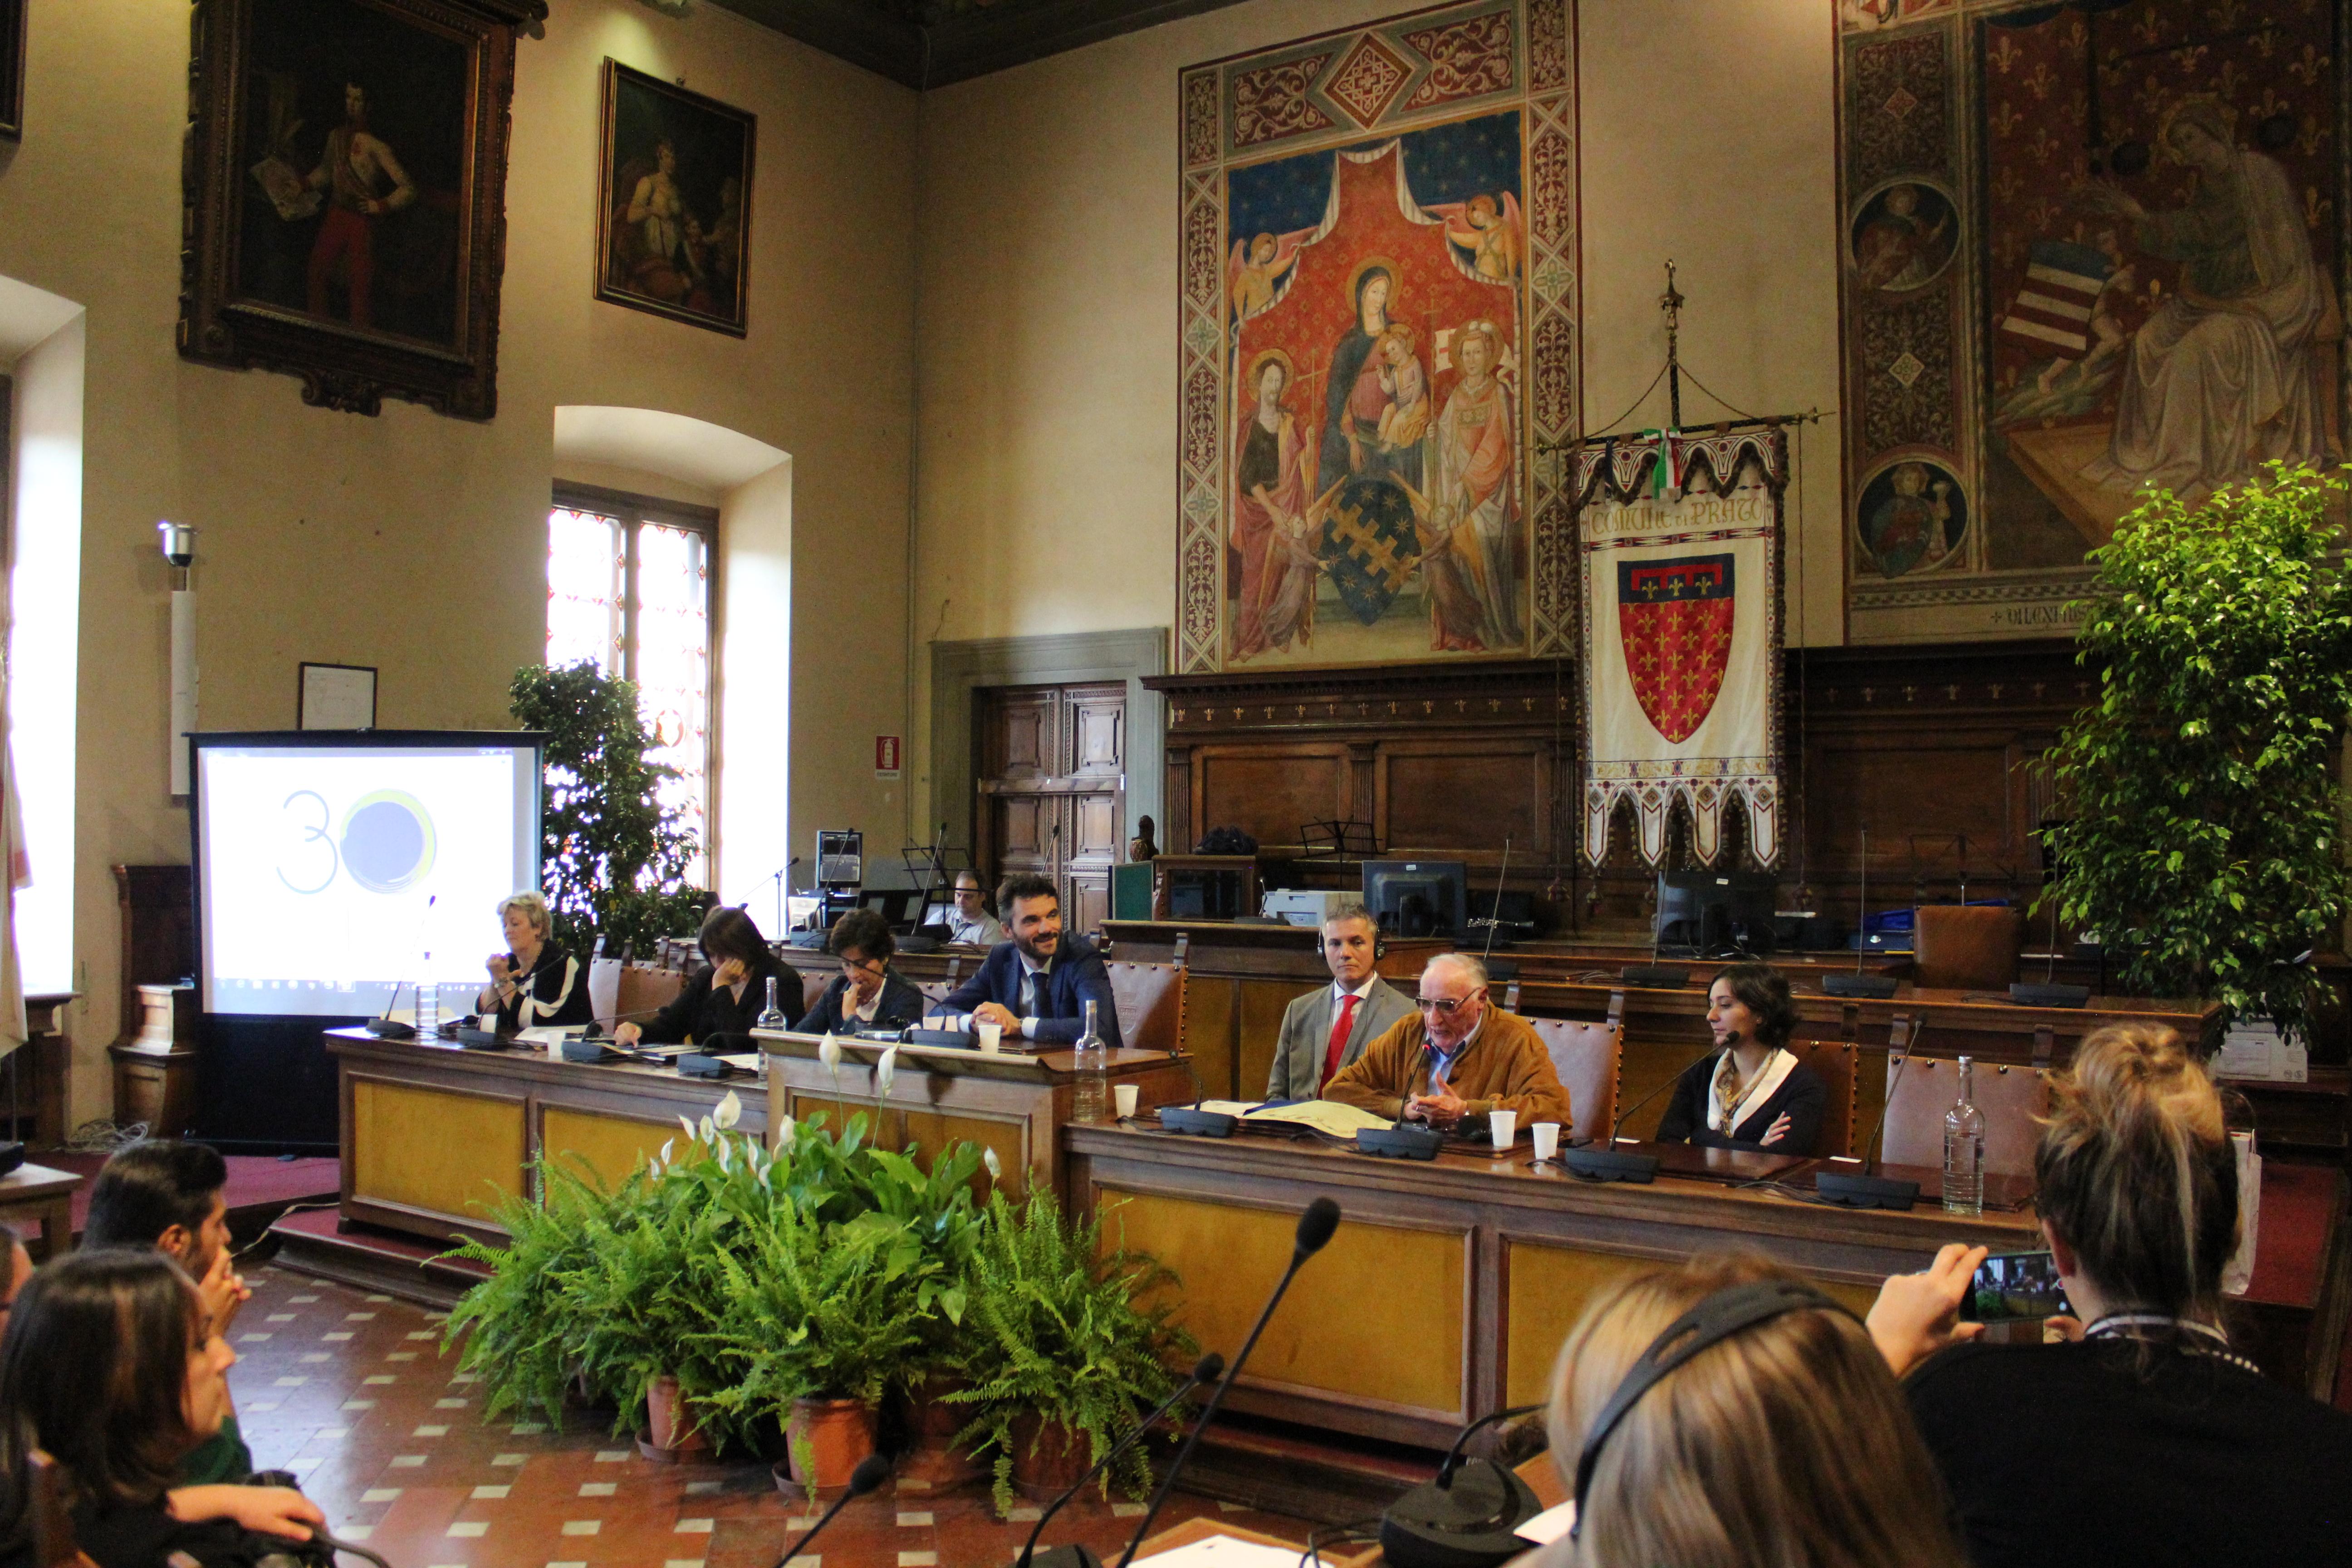 <p>Inizio delle celebrazioni sull'anniversario dei 30 anni del gemellaggio tra Prato e Ebensee</p>